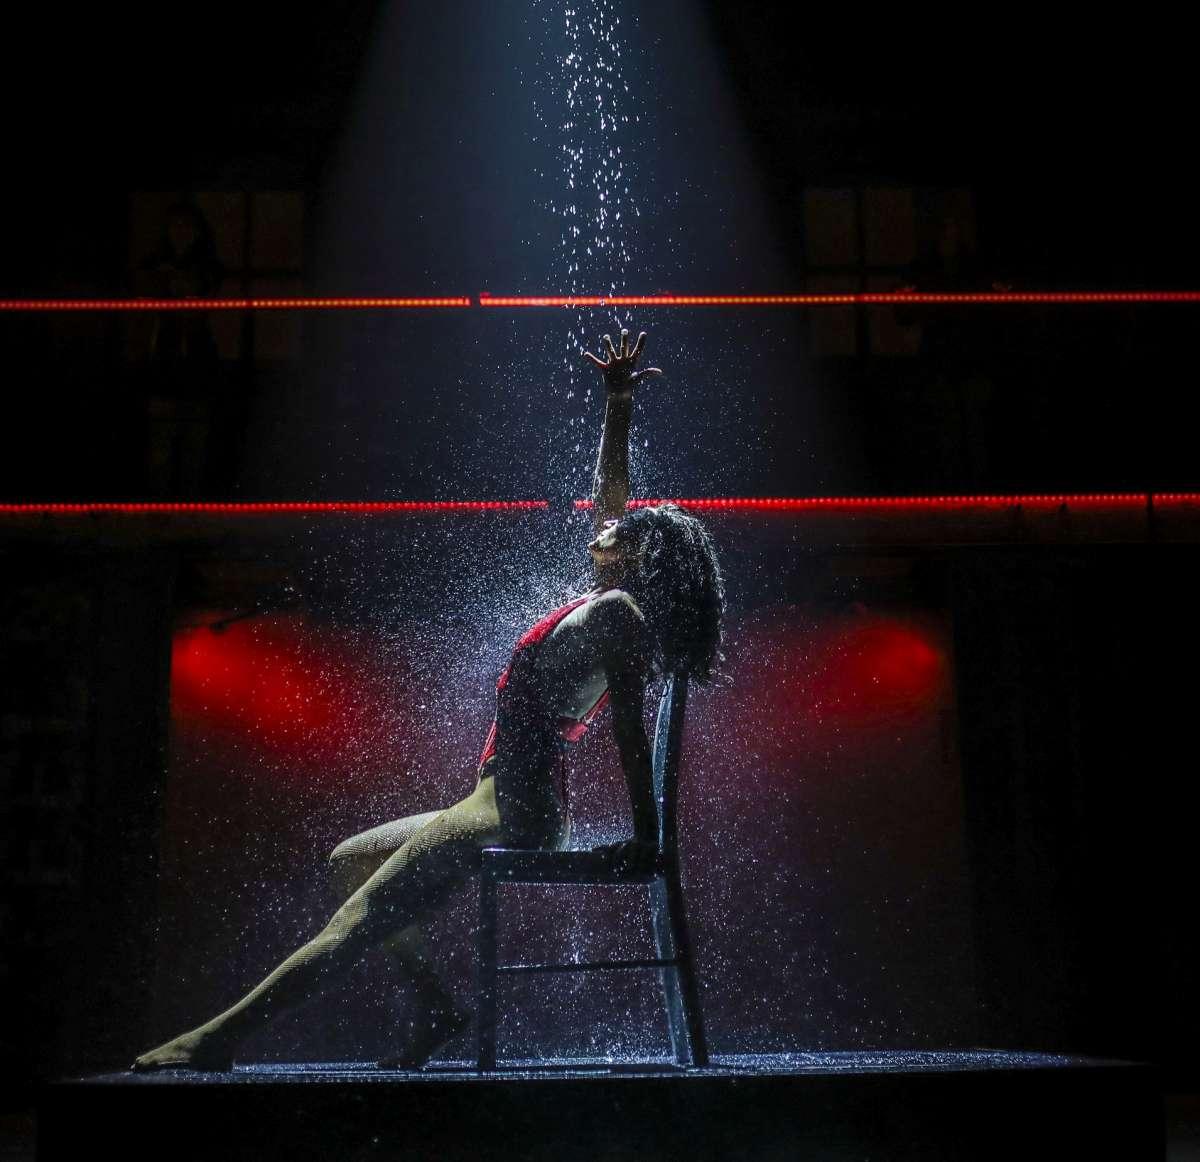 פלאשדאנס המחזמר  צילום: אור דנון